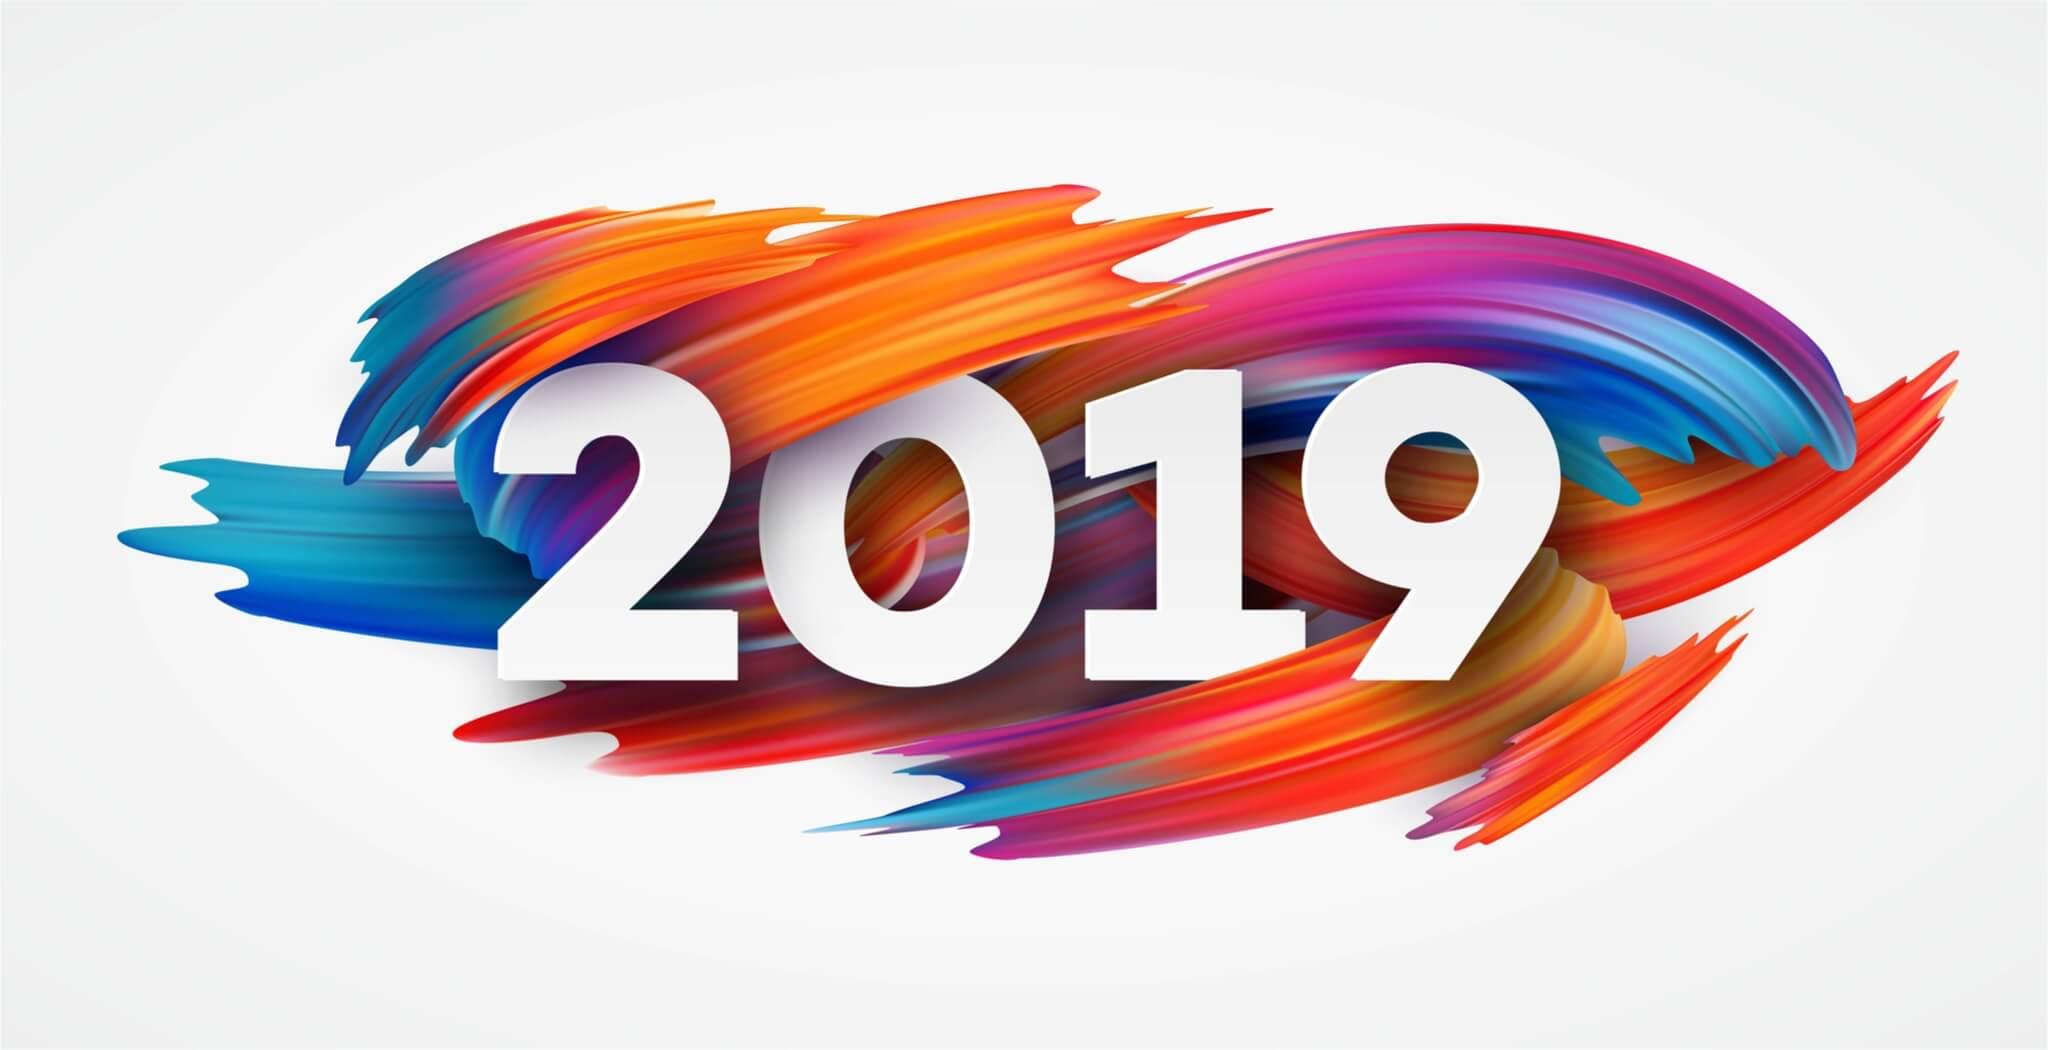 С наступающим 2019-м годом!